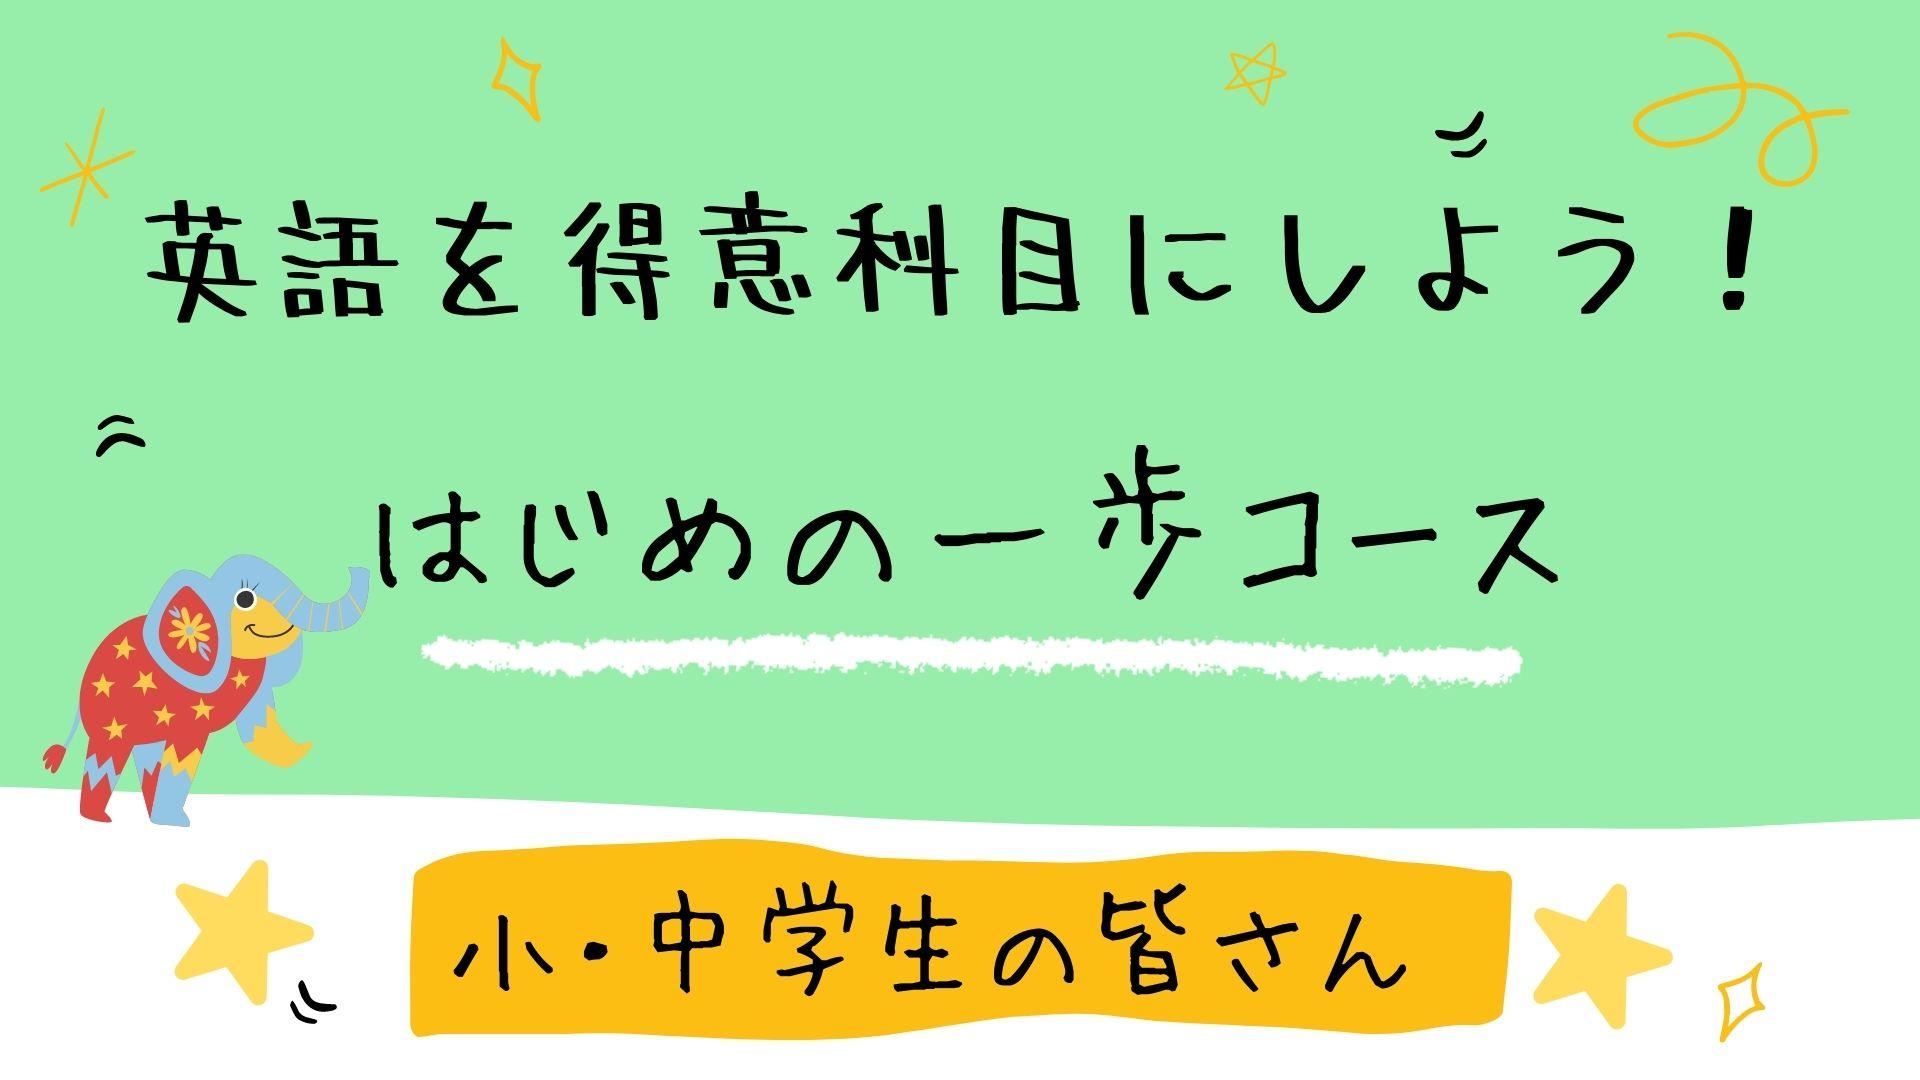 ■英語入門生対象、英語を得意科目にしよう! はじめの一歩コース